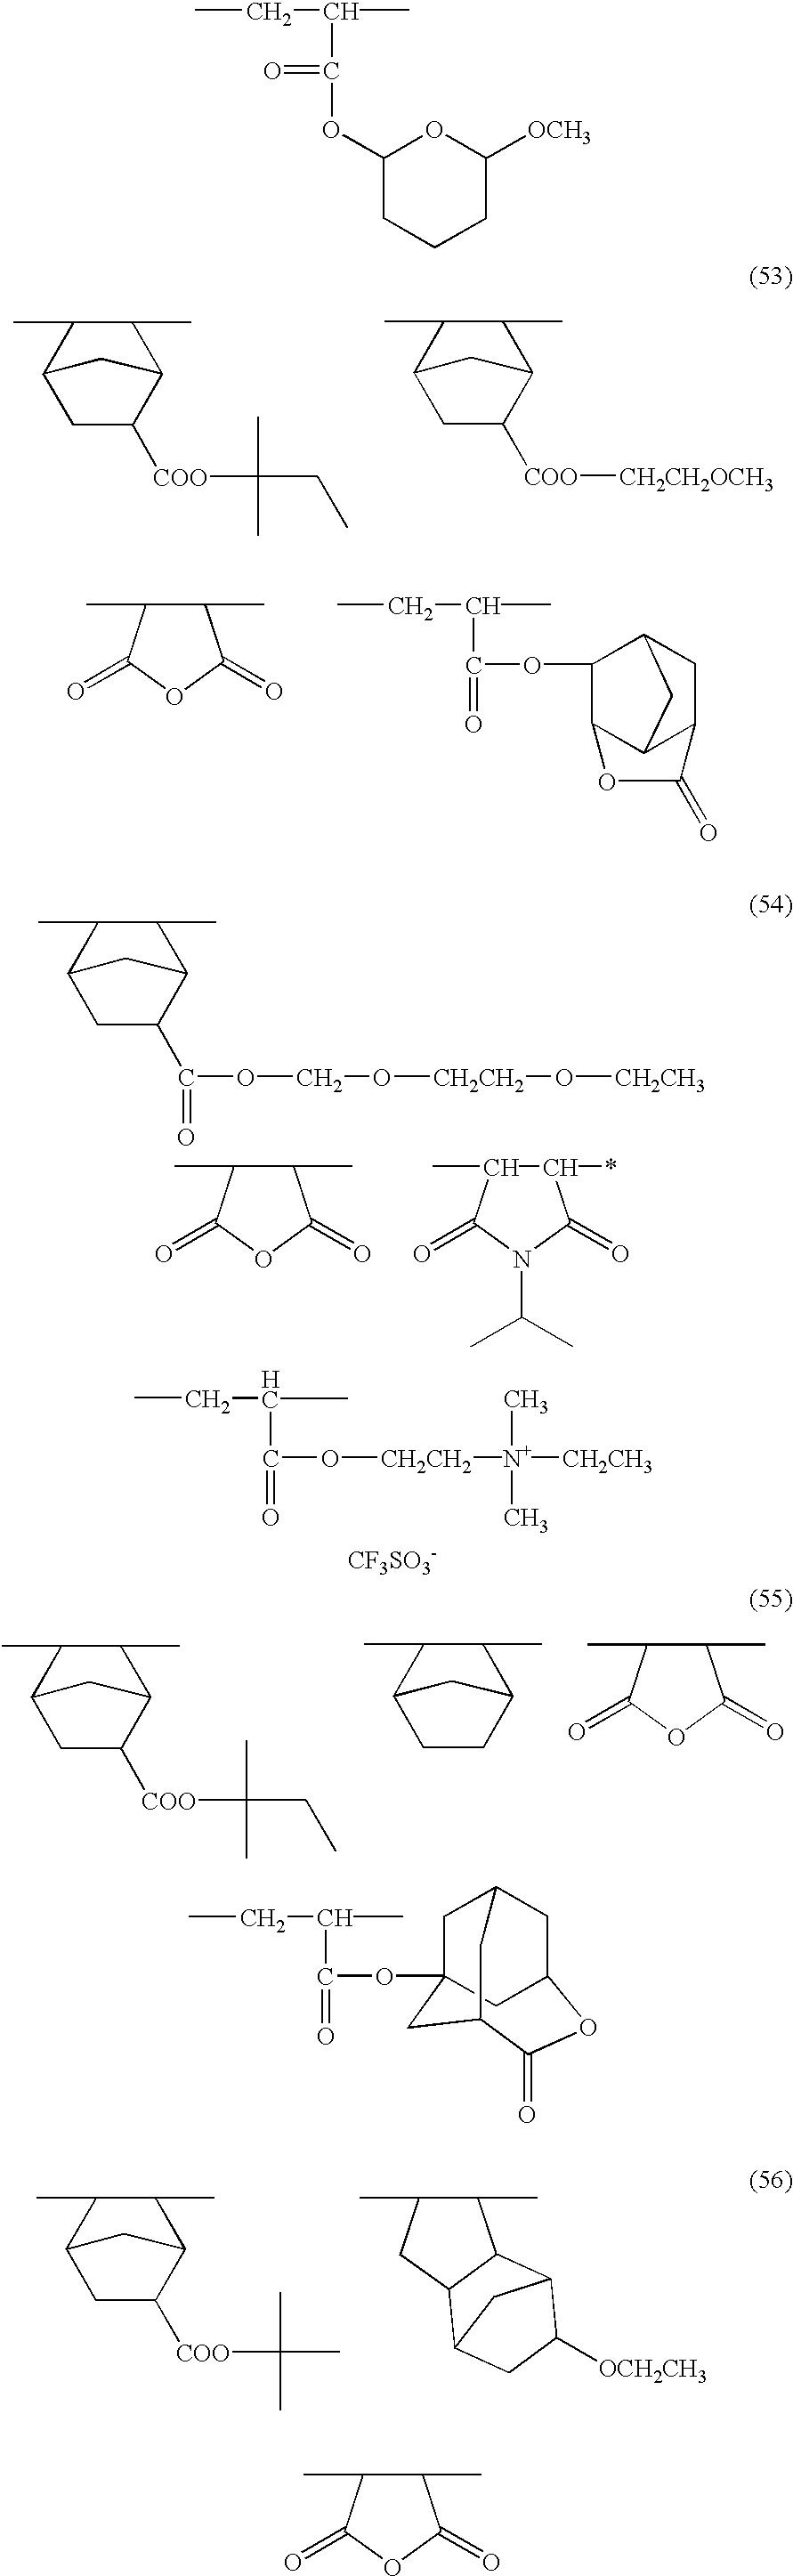 Figure US06492091-20021210-C00108